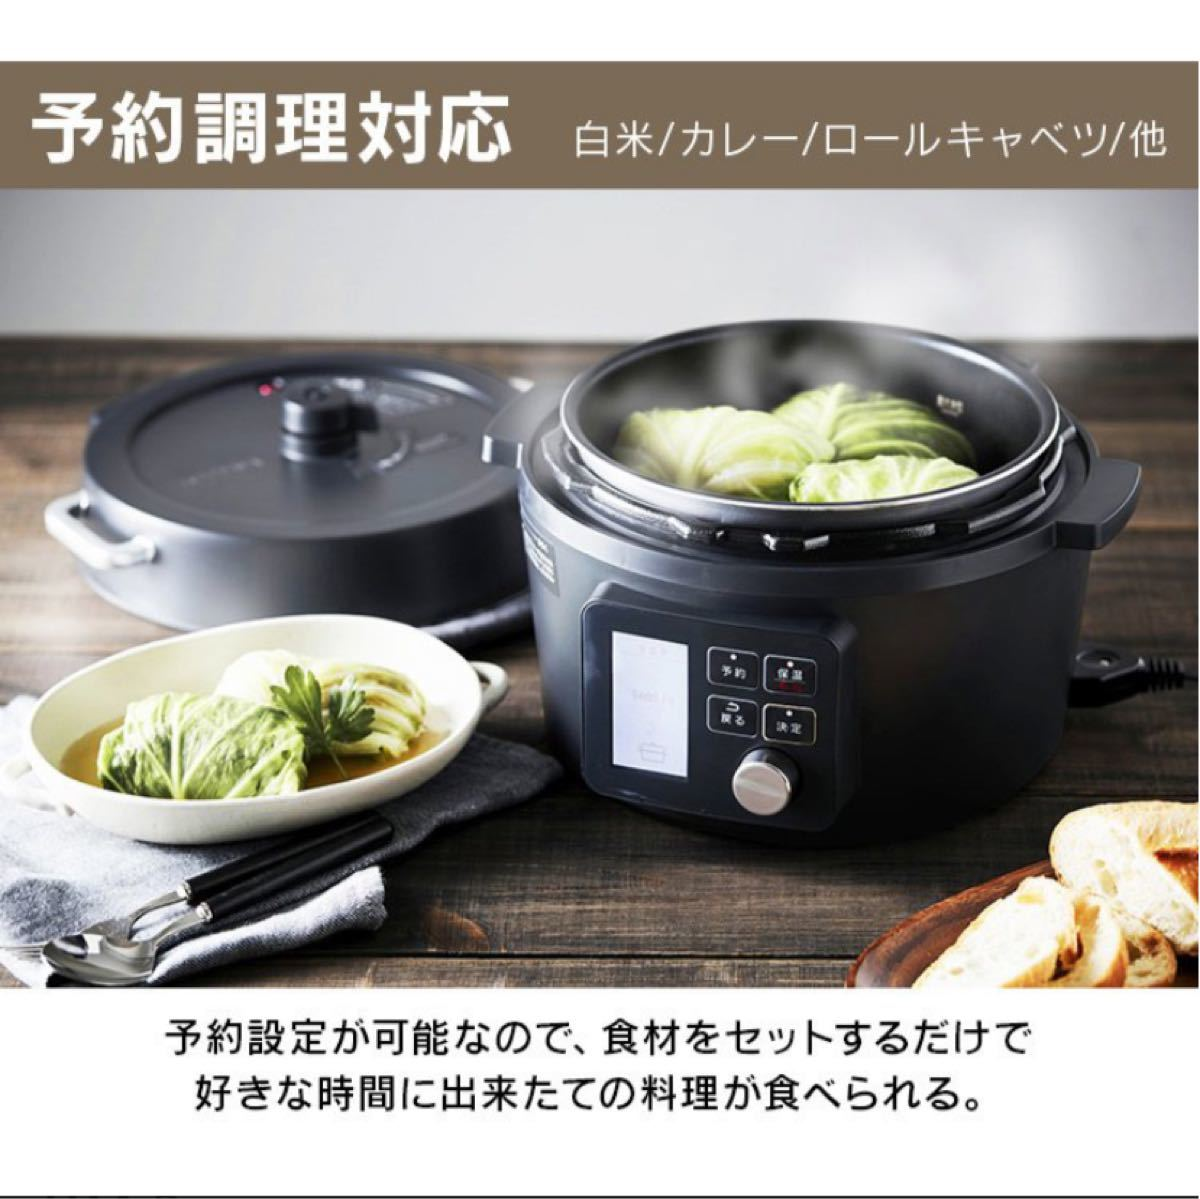 【新品未開封/即日発送】アイリスオーヤマ 電気圧力鍋 4.0L PMPC-MA4-B